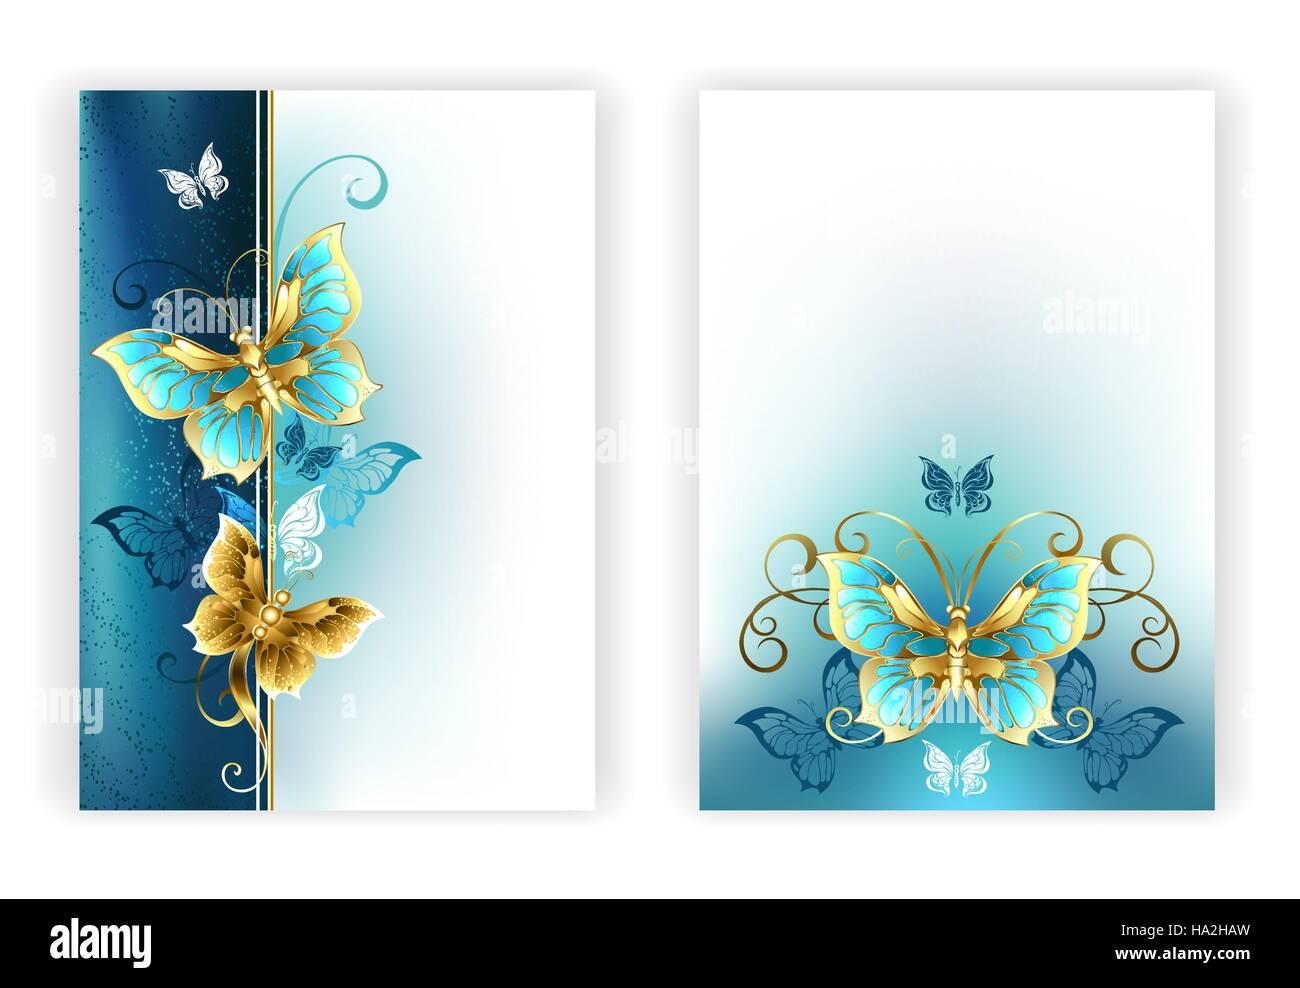 Design für die Broschüre mit Luxus, Schmuck, gold Schmetterlinge auf ...